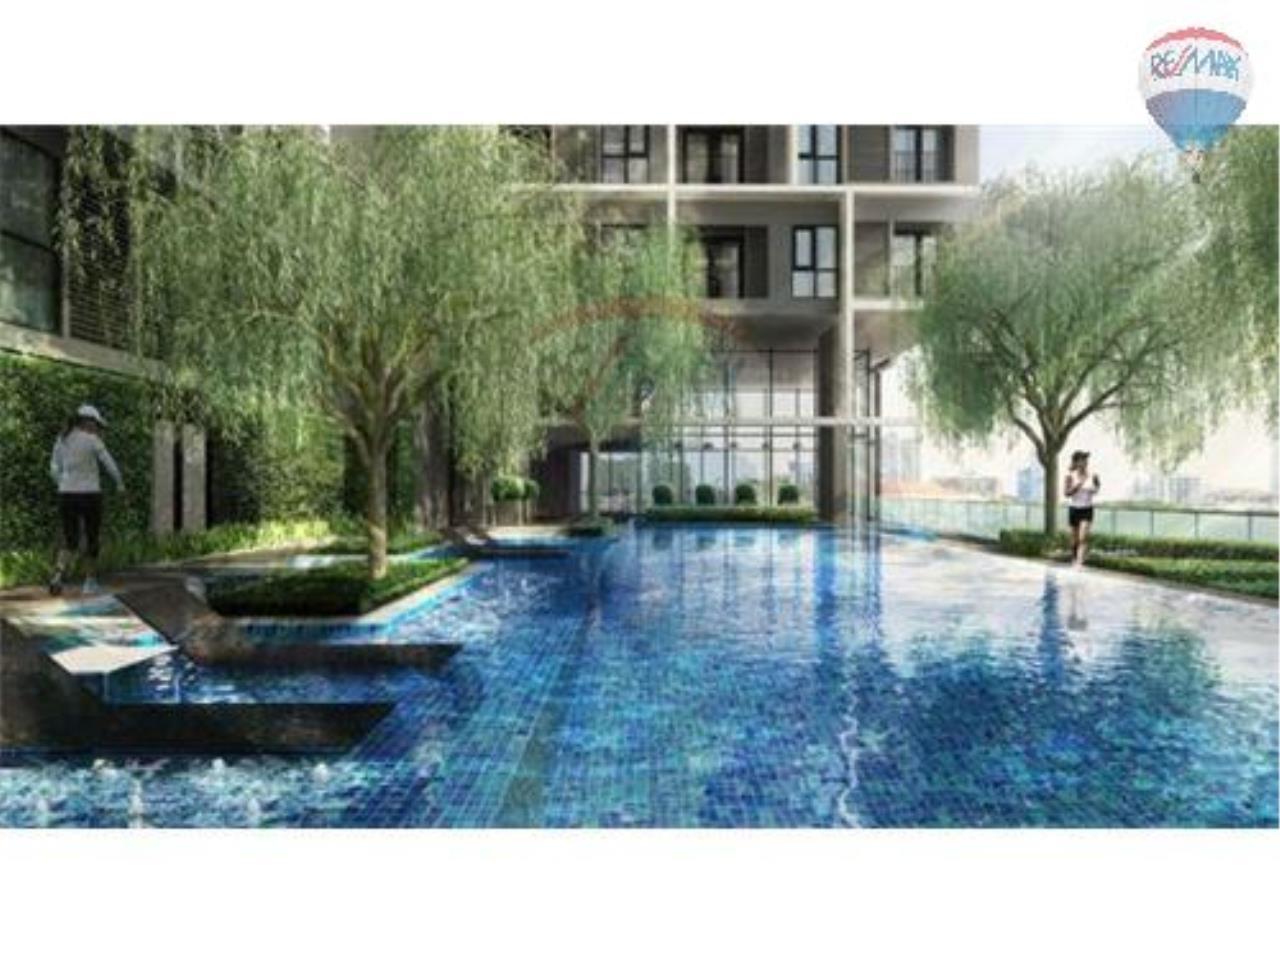 RE/MAX Properties Agency's Condominium for rent 43 Sq.M. at Ideo Mobi Sukhumvit 11